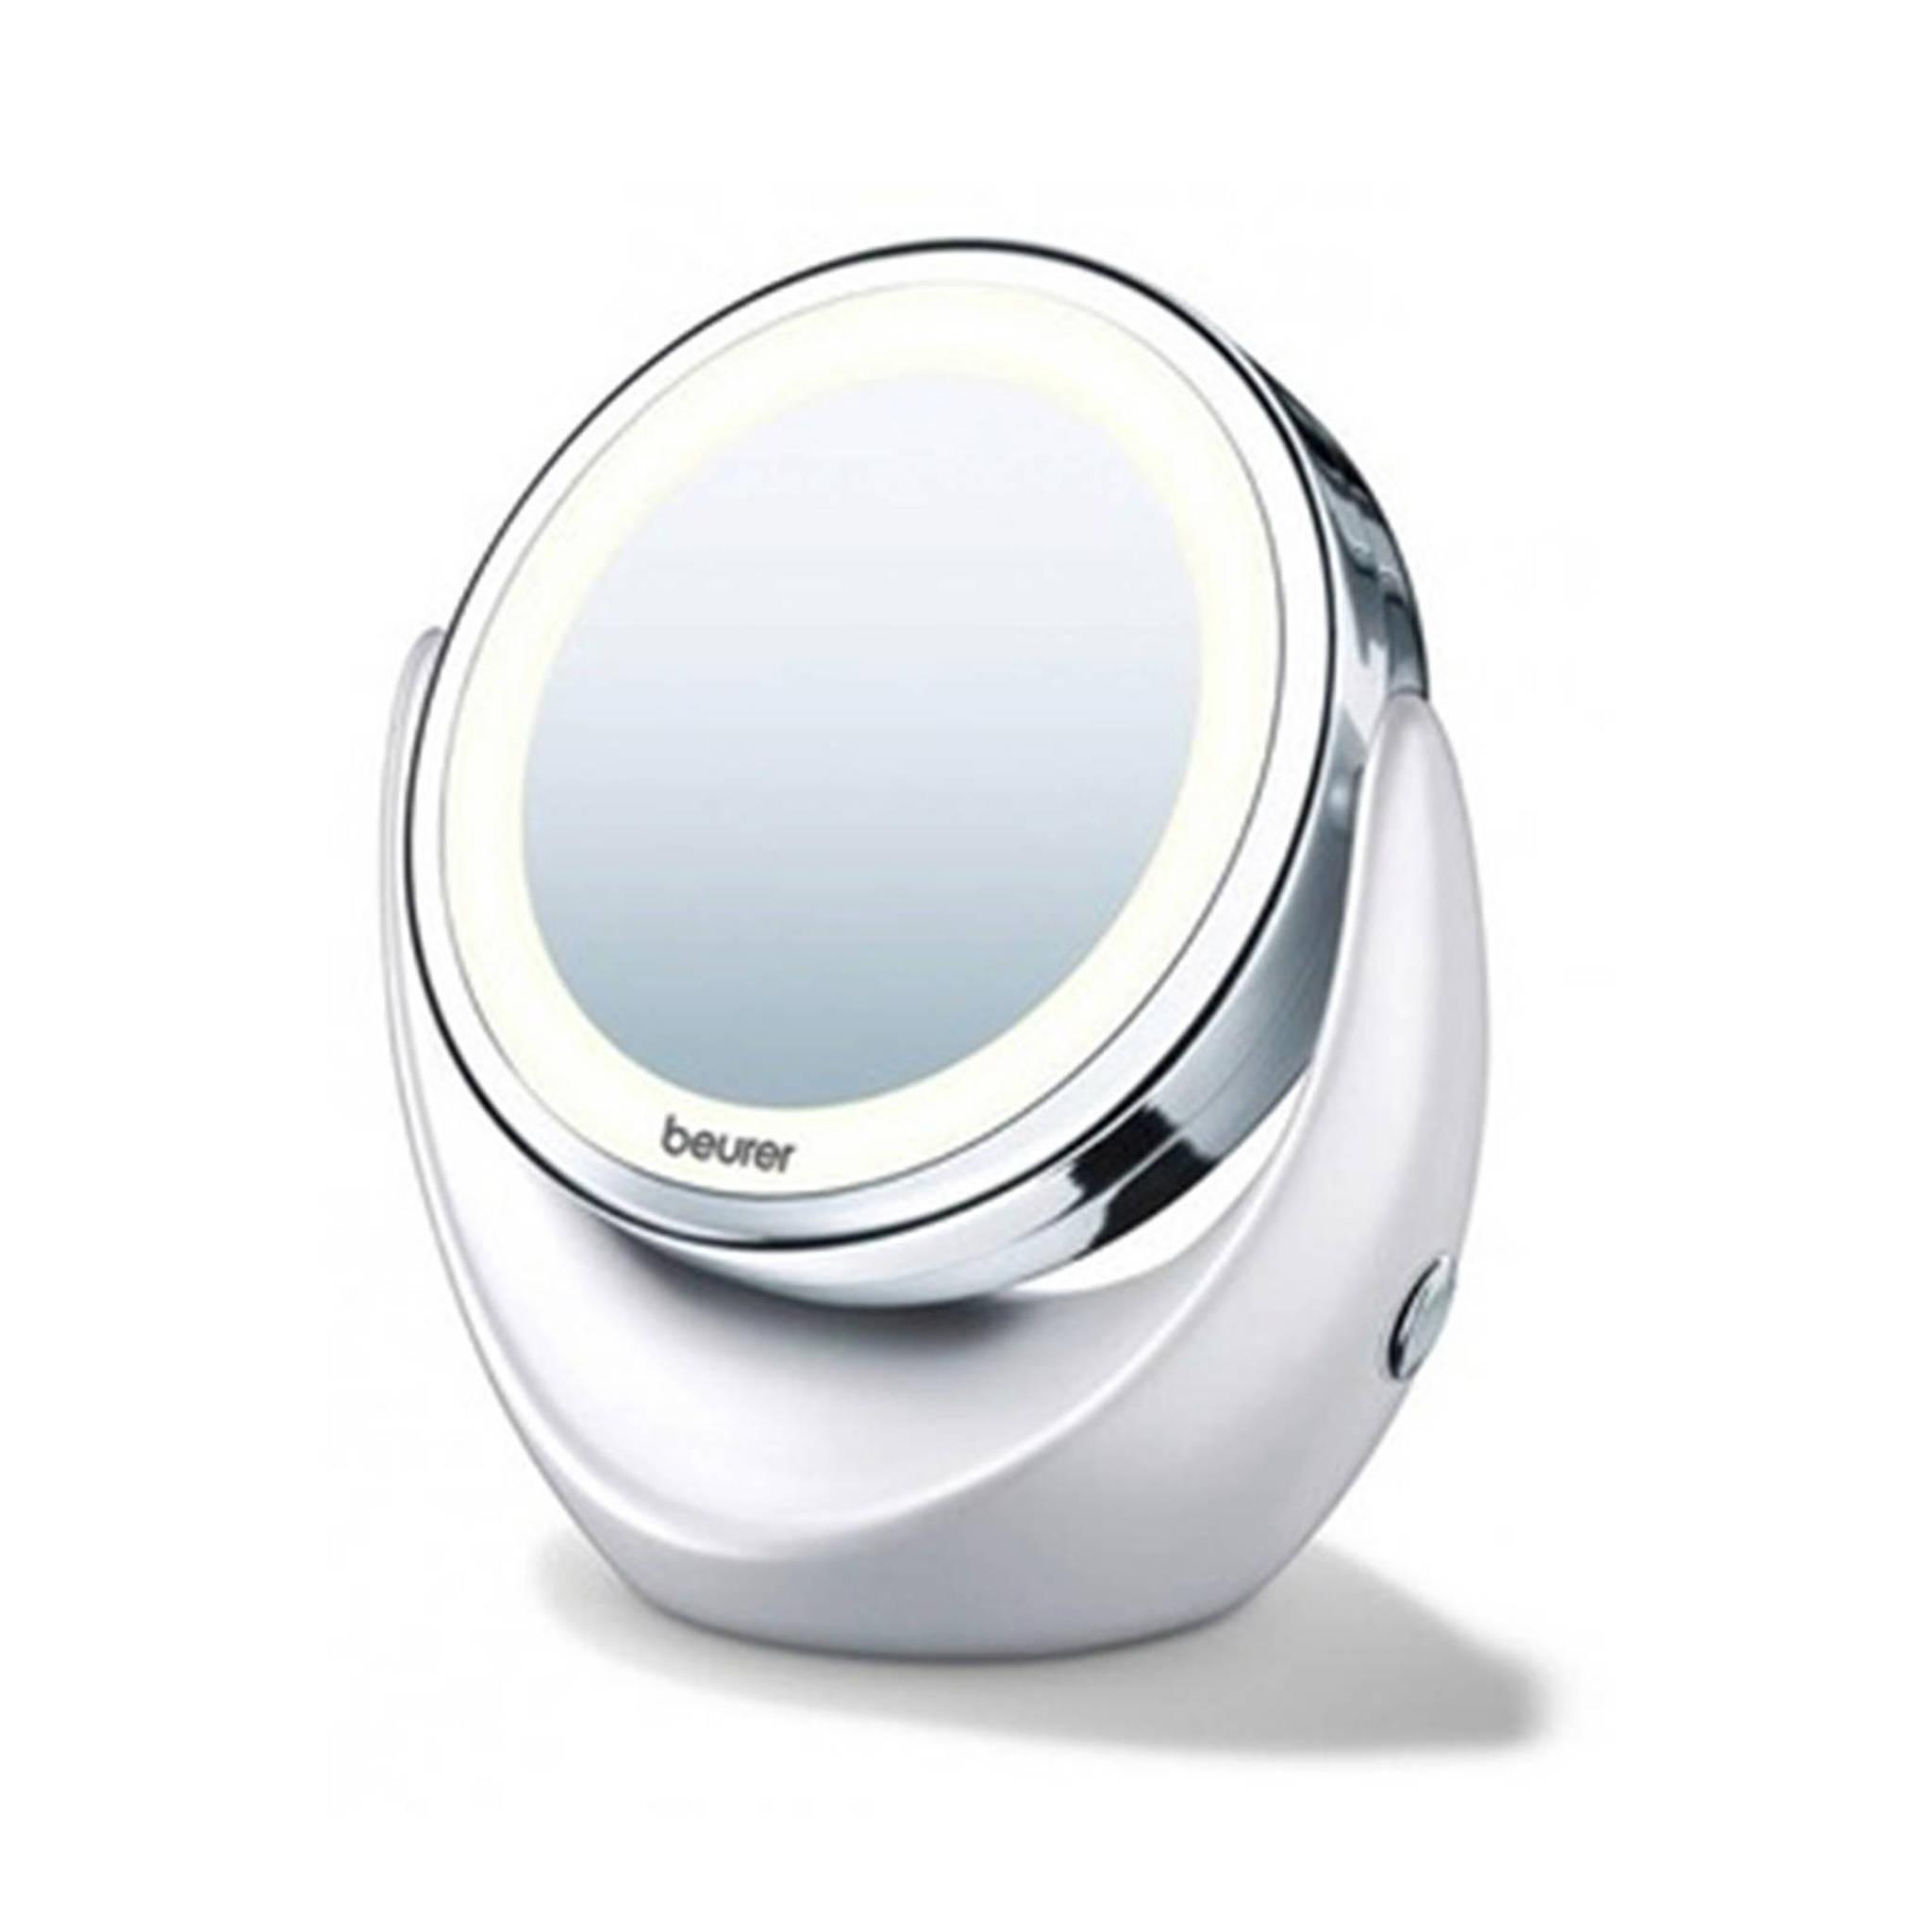 Cosmeticaspiegel Met Verlichting.Bs49 Cosmetica Spiegel Met Verlichting Wit